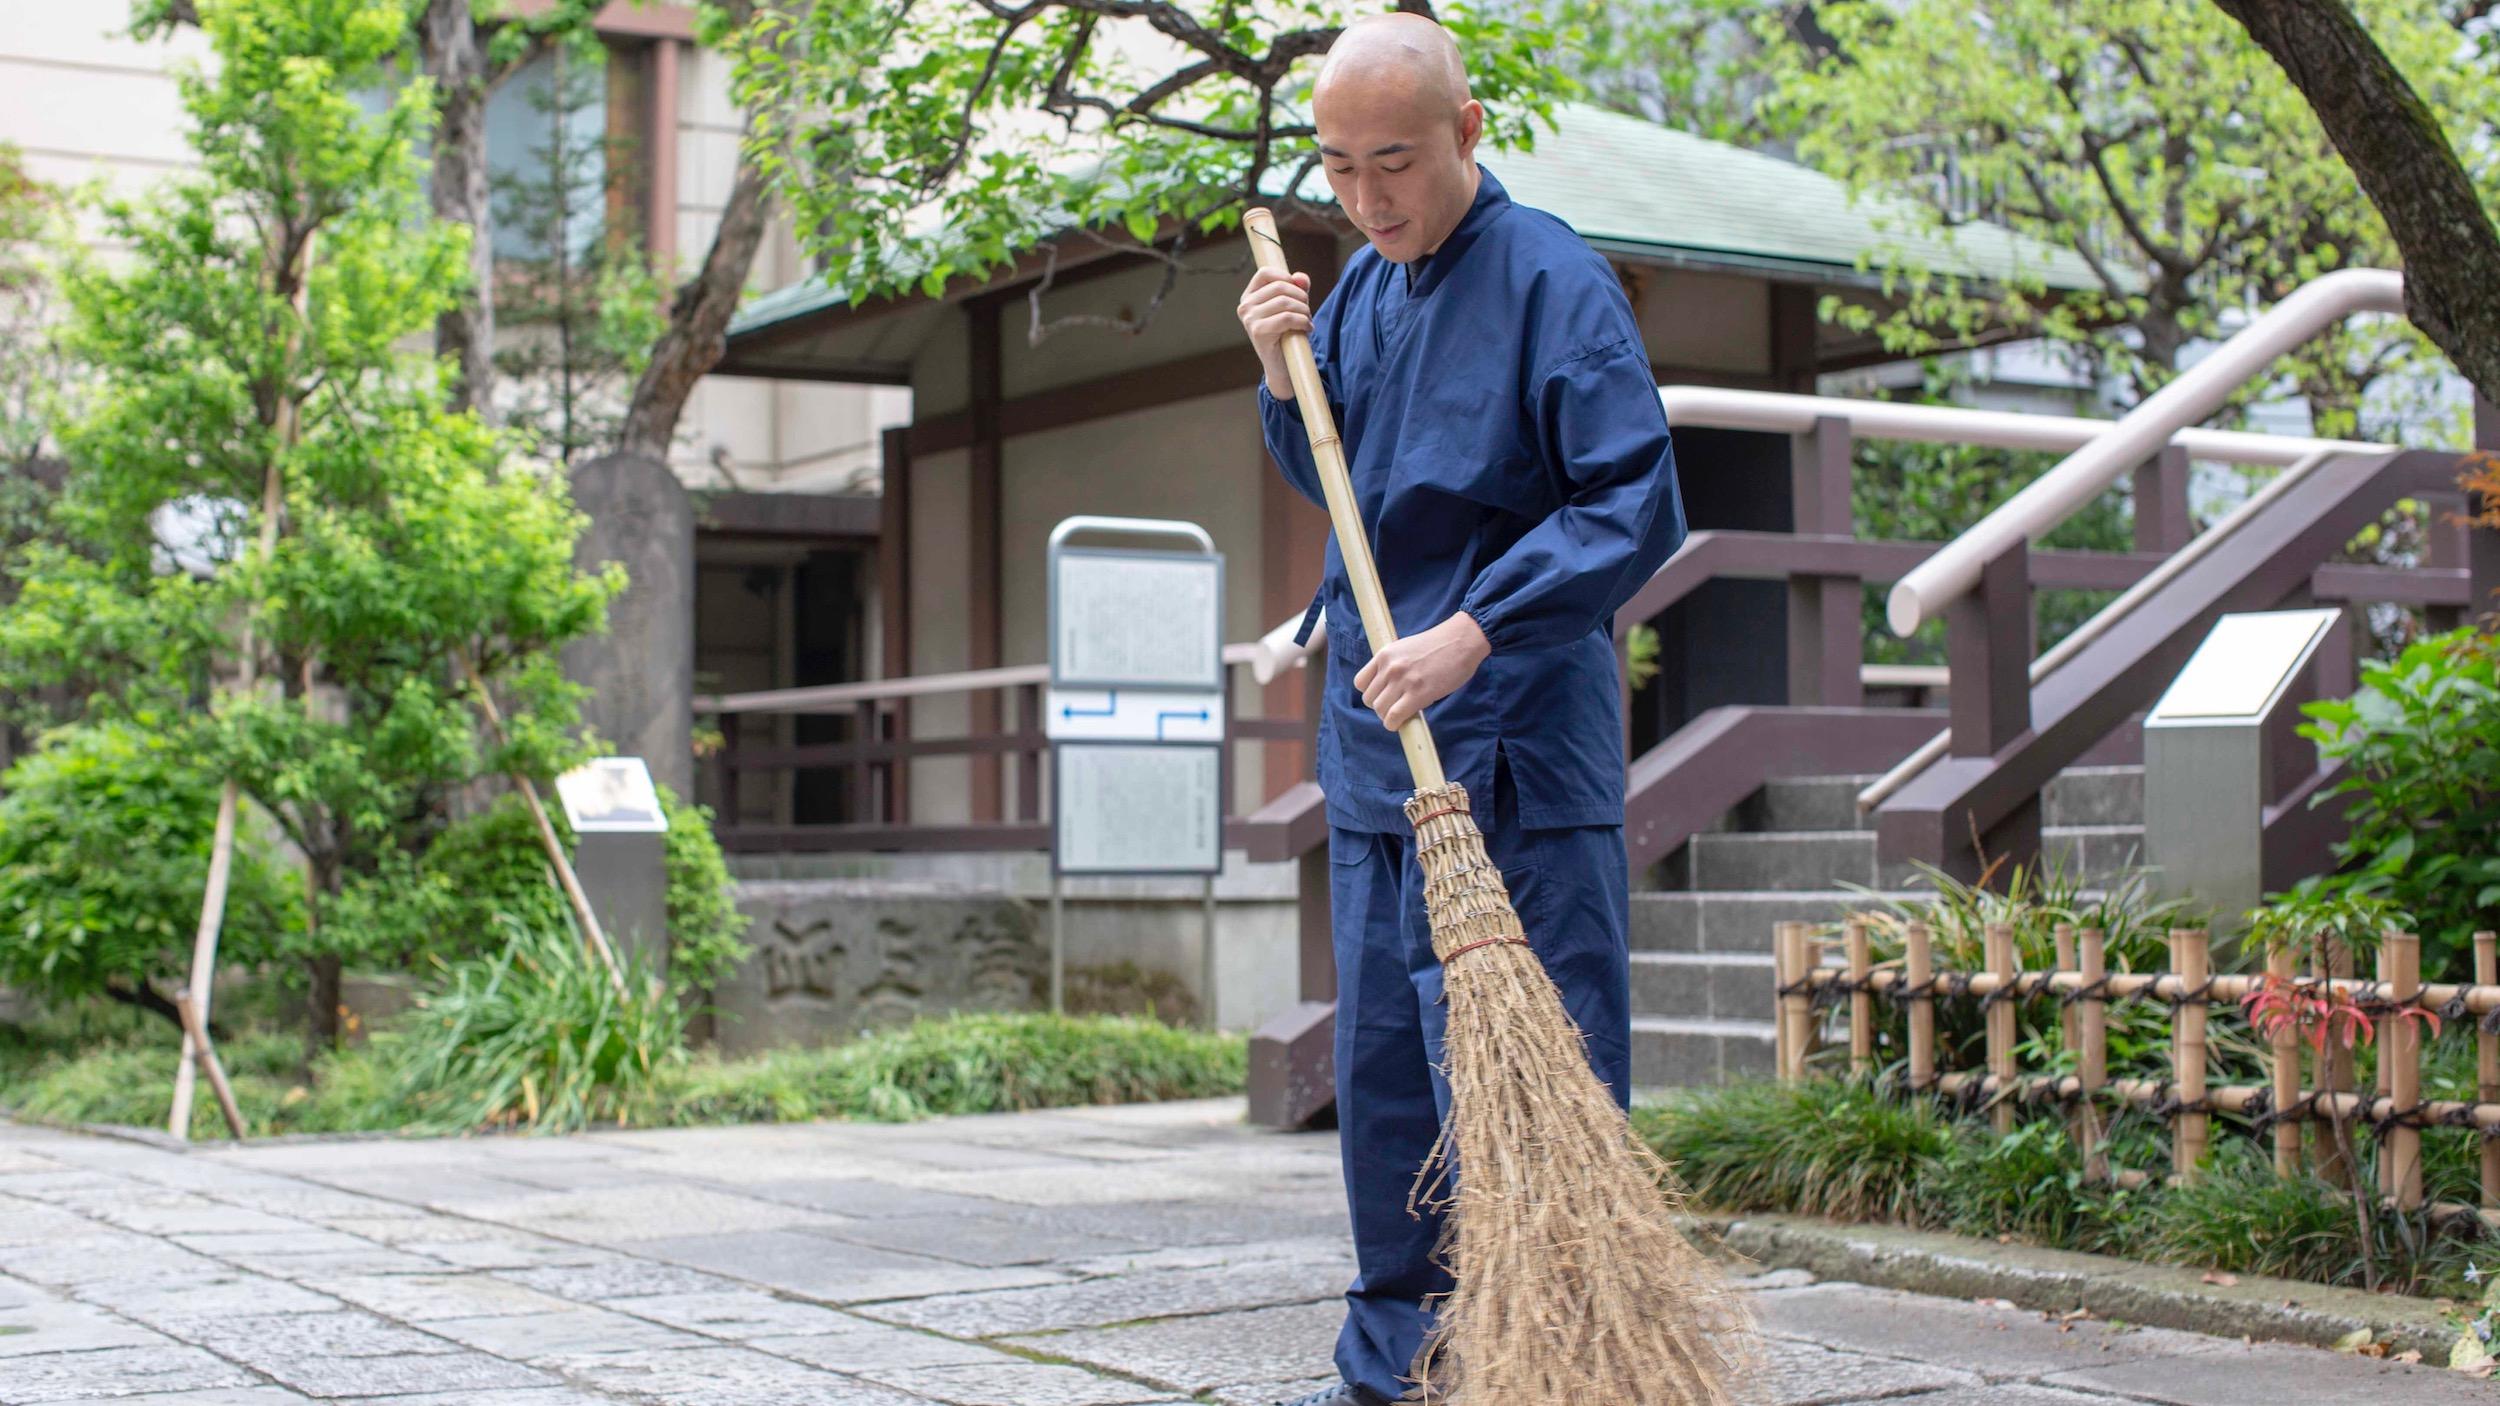 【気持ちを整える朝習慣Vol.4】お坊さんが教える、朝掃除のススメ